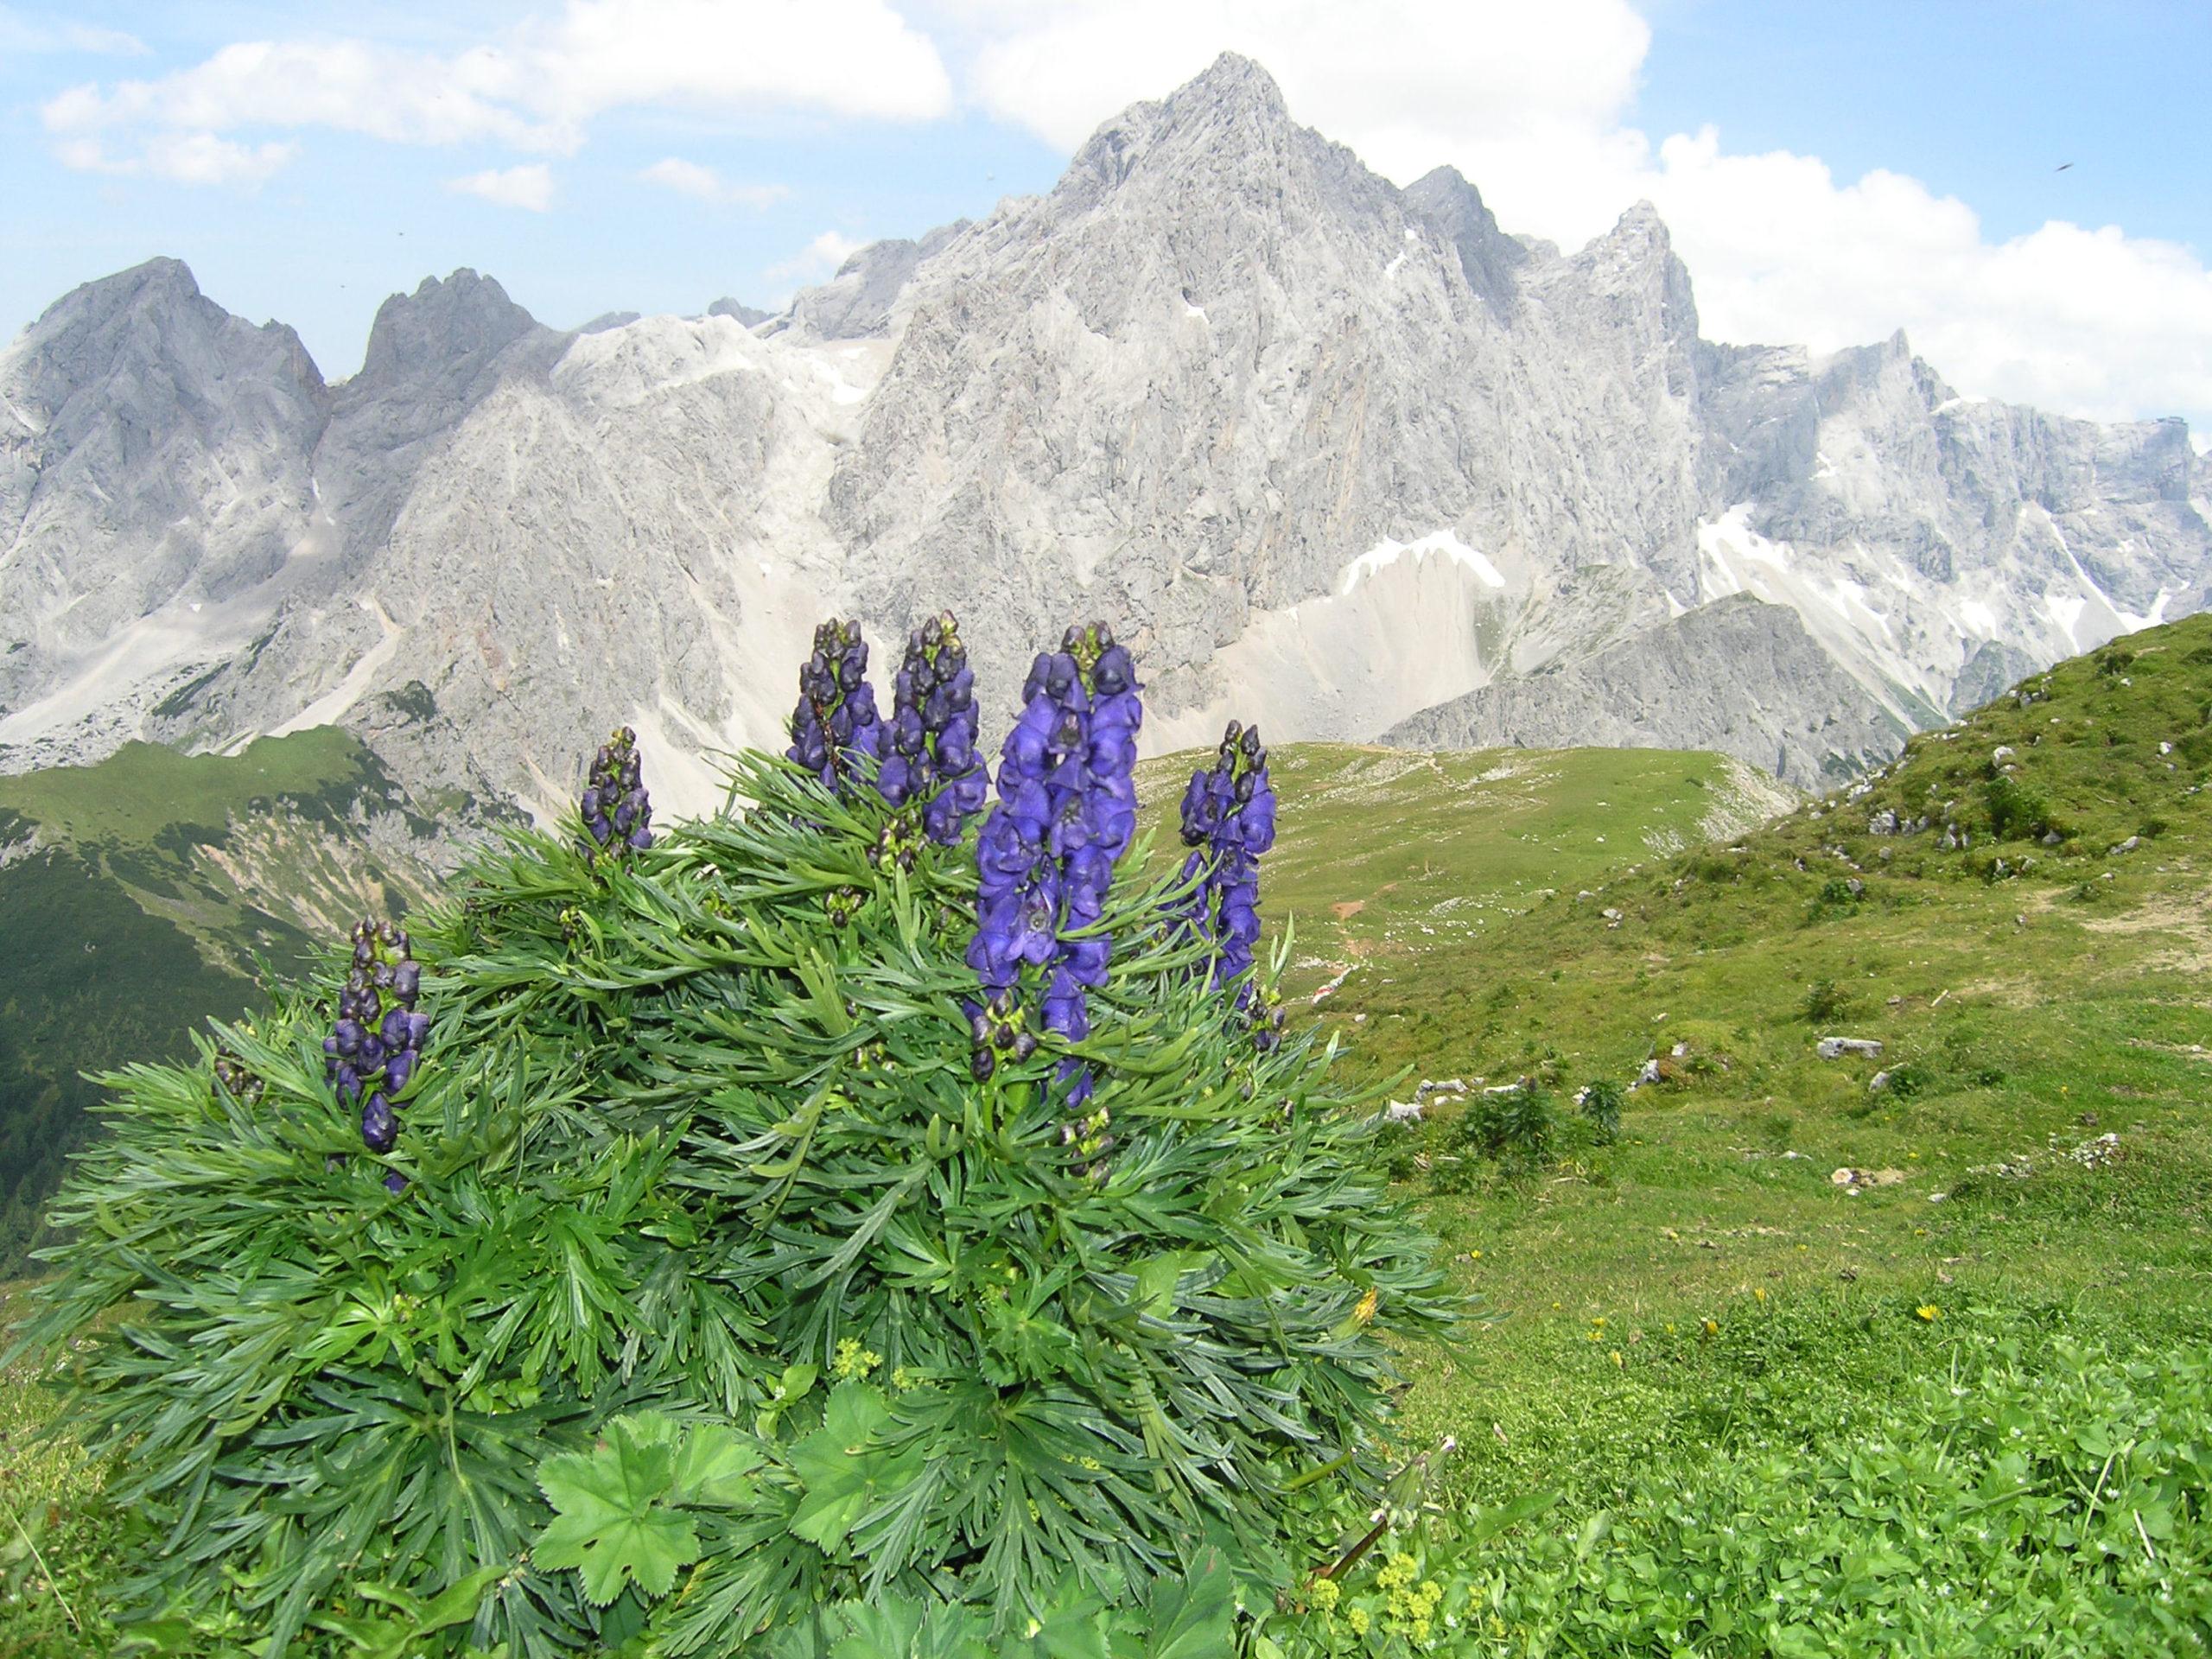 Fioletowe rośliny na tle gór